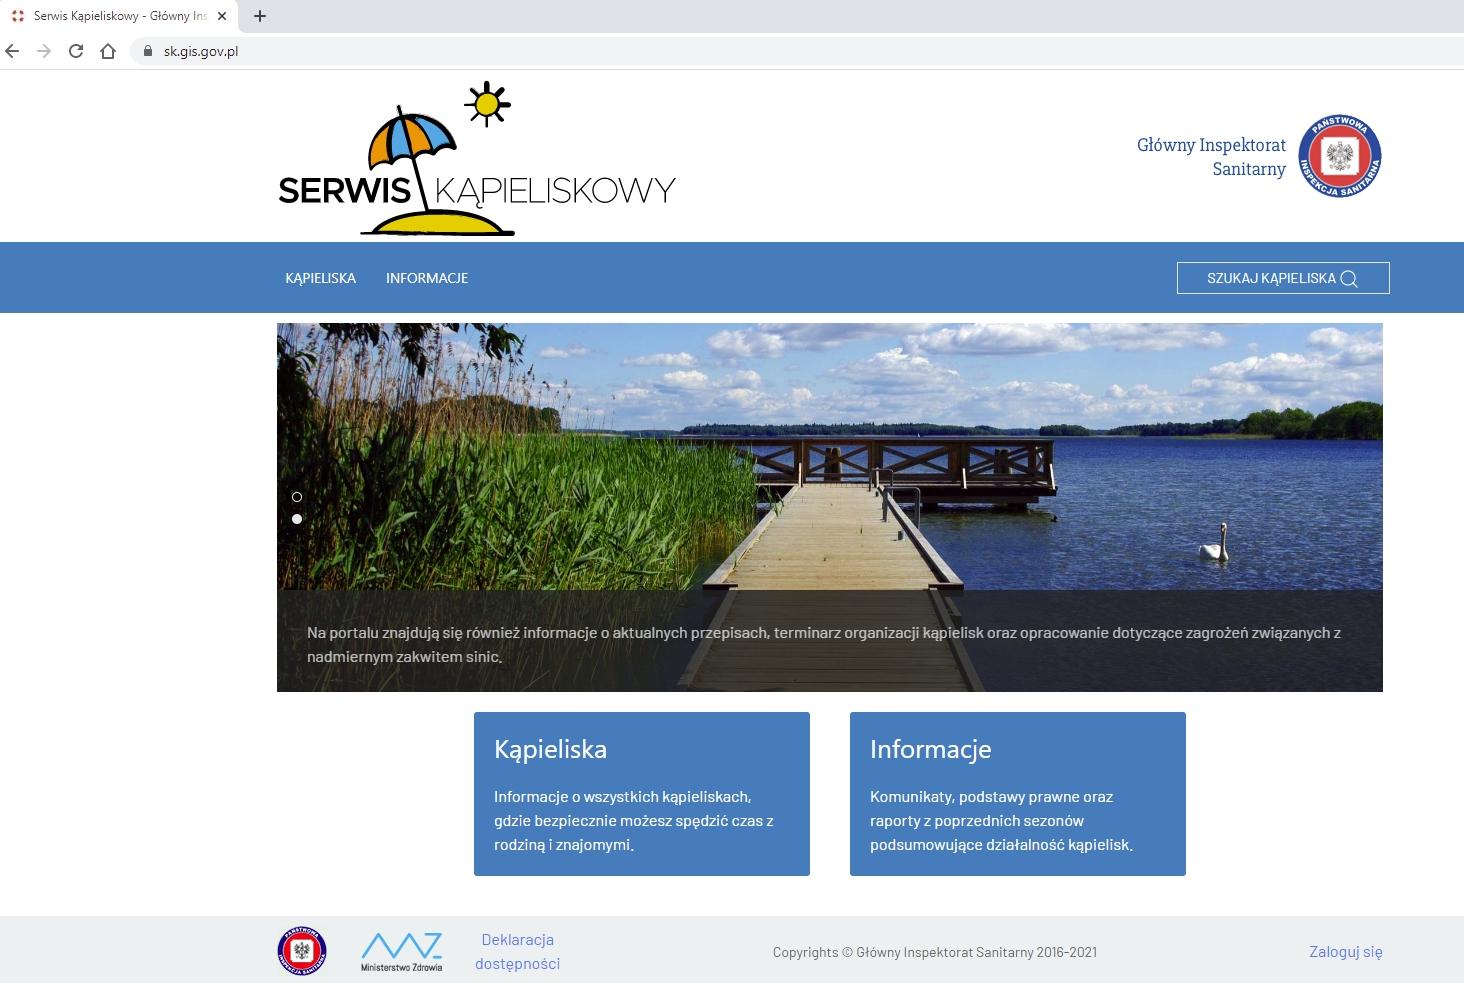 WIDEO: Bezpieczeństwo nad wodą i Internetowy Serwis Kąpieliskowy